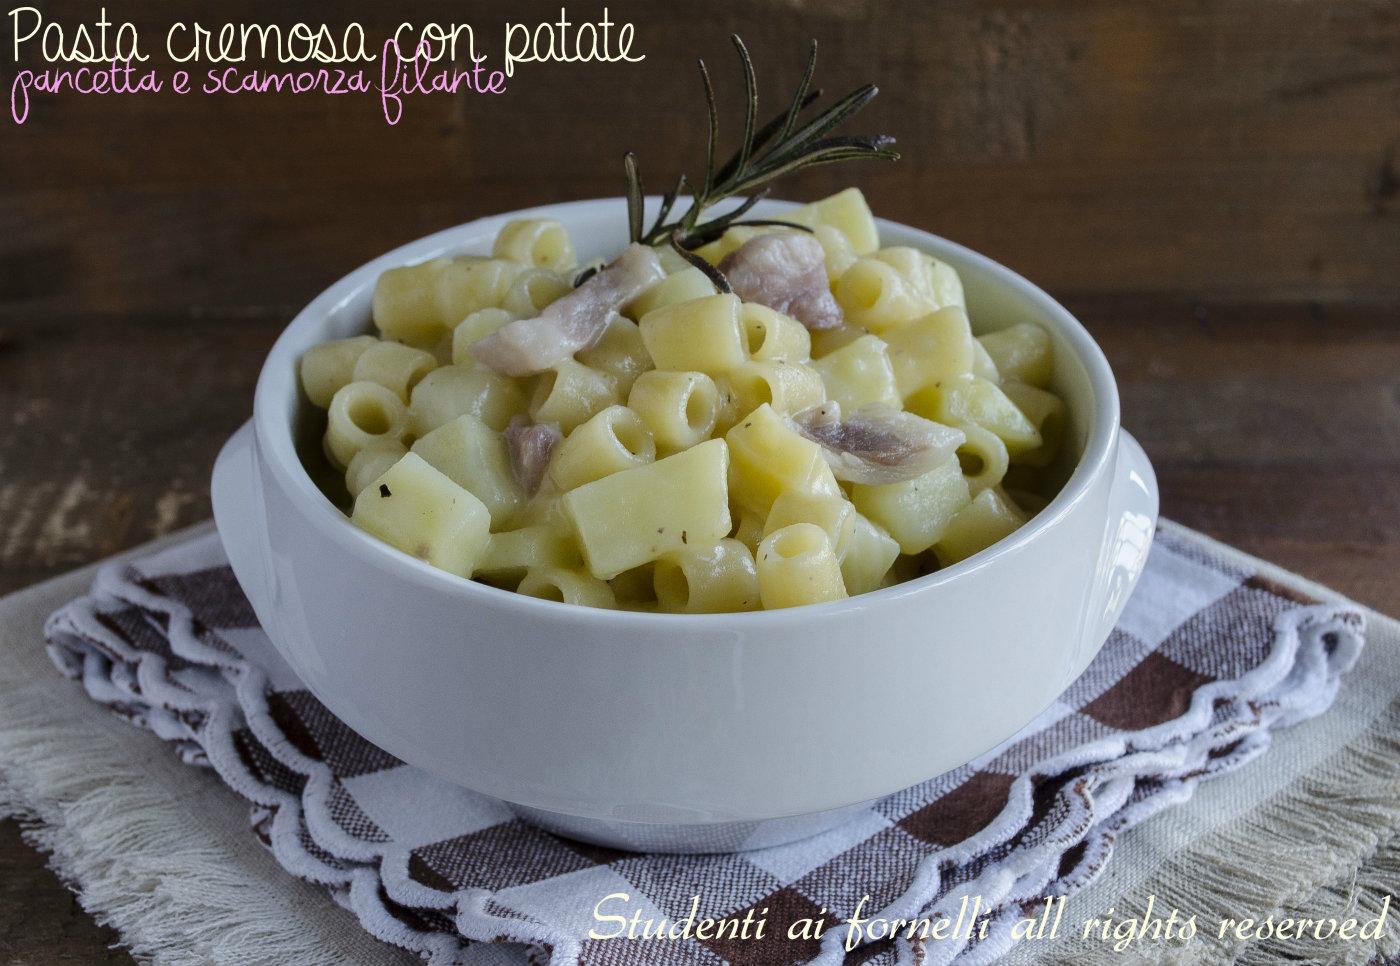 pasta e patate con provola e pancetta ricetta primo veloce pasta,risottata, patate